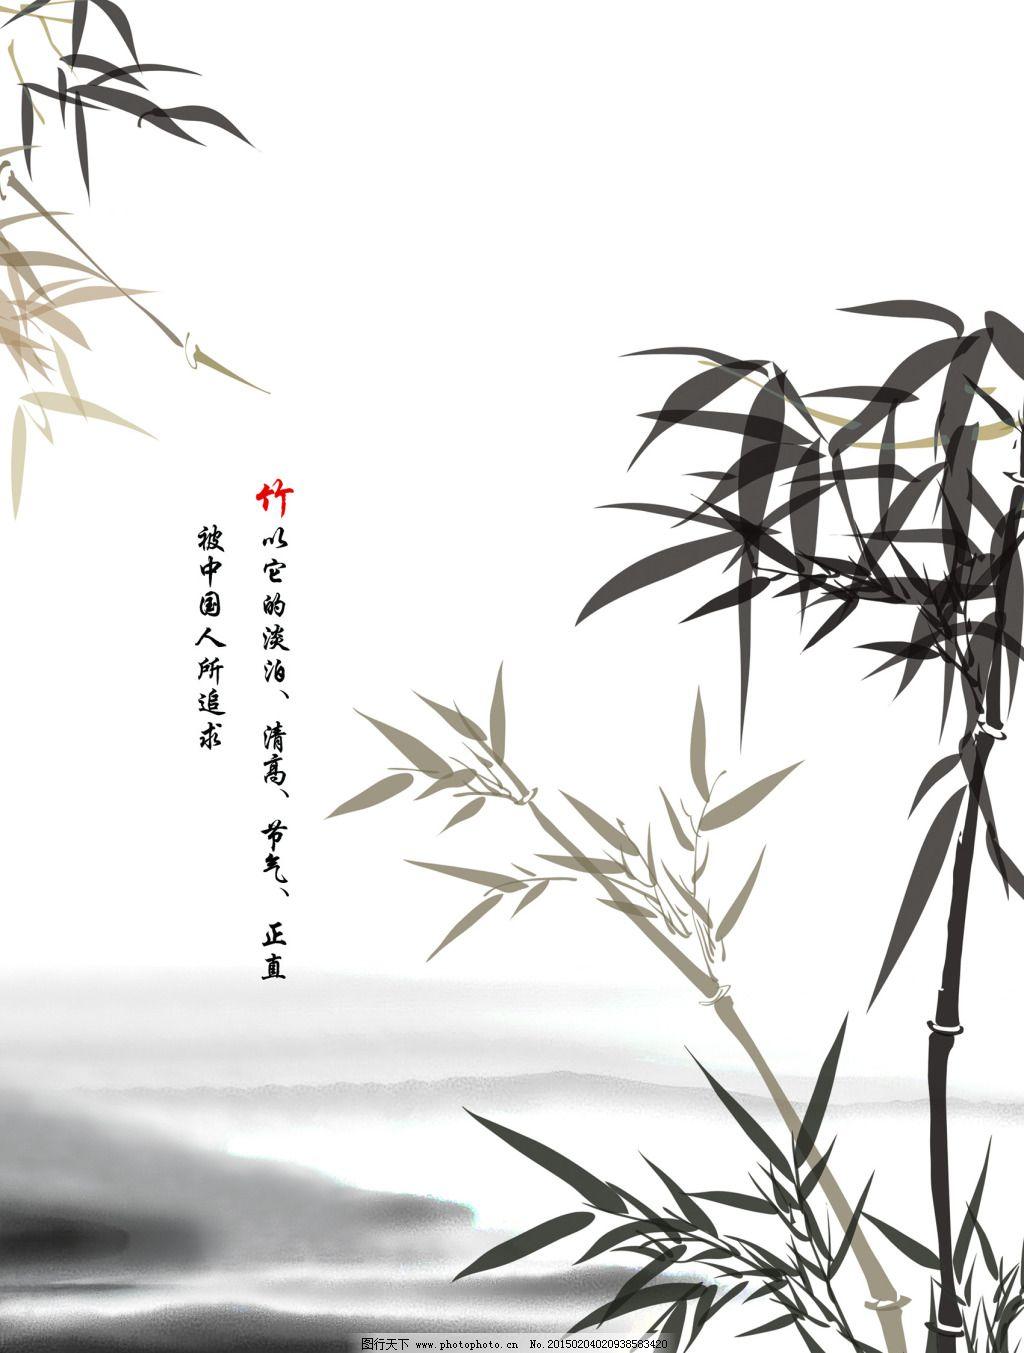 中国风山水画高清背景 中国风山水画高清背景图片免费下载 水墨 竹子